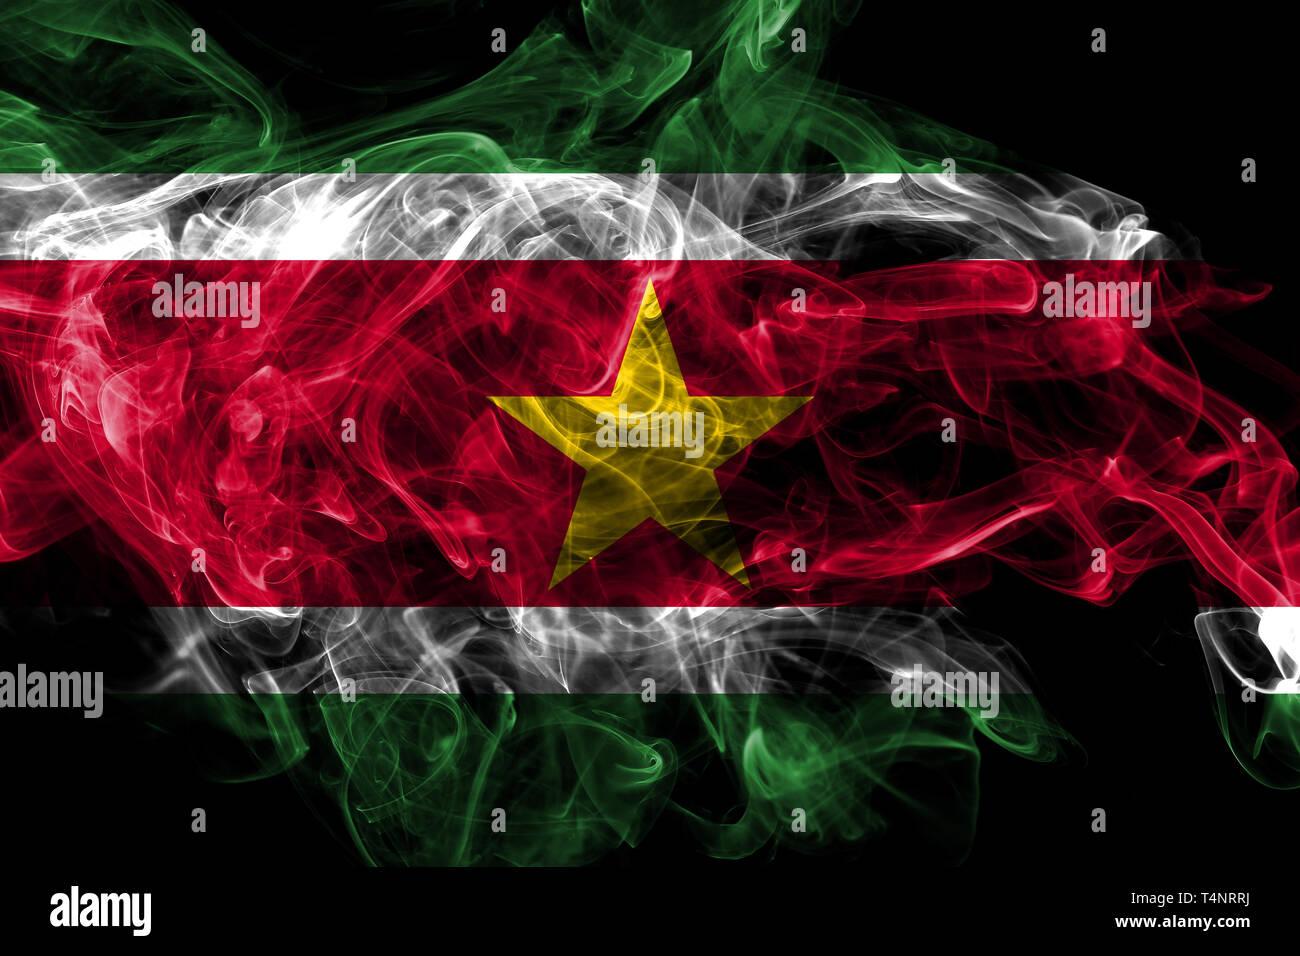 Suriname smoke flag isolated on black background - Stock Image